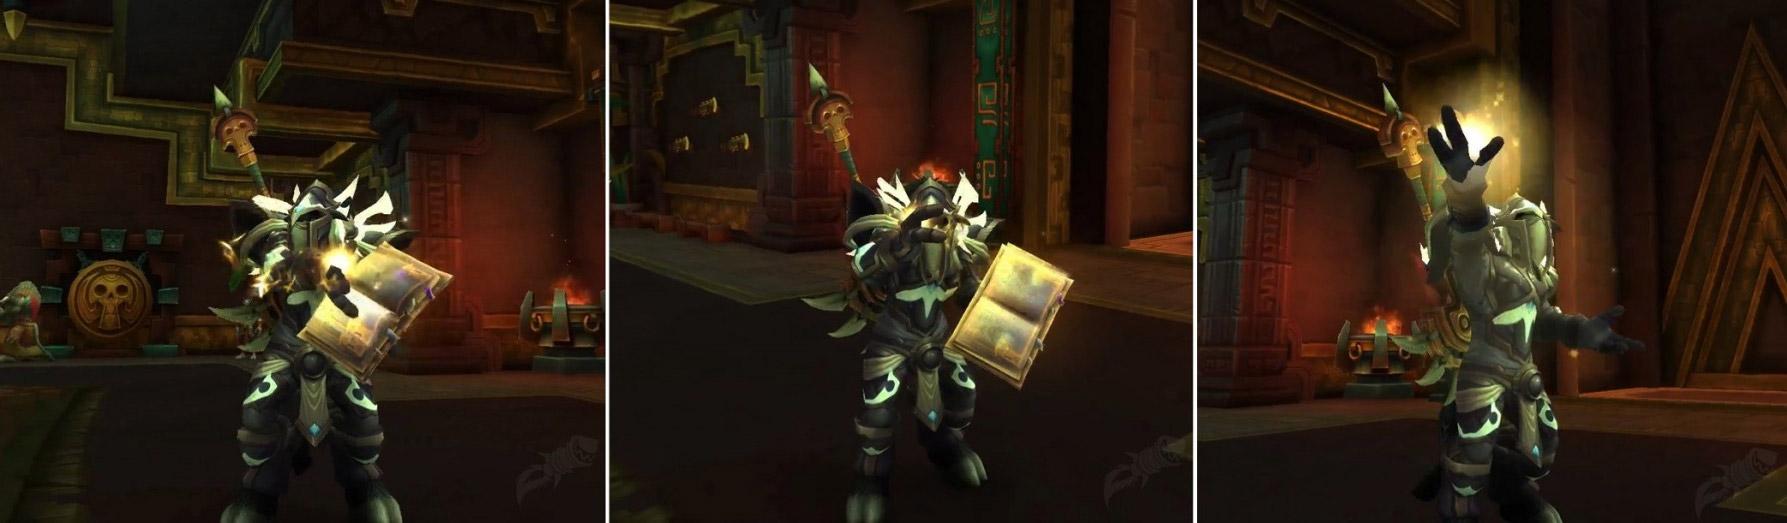 Le Paladin tient désormais un livre entre ses mains pendant l'incantation